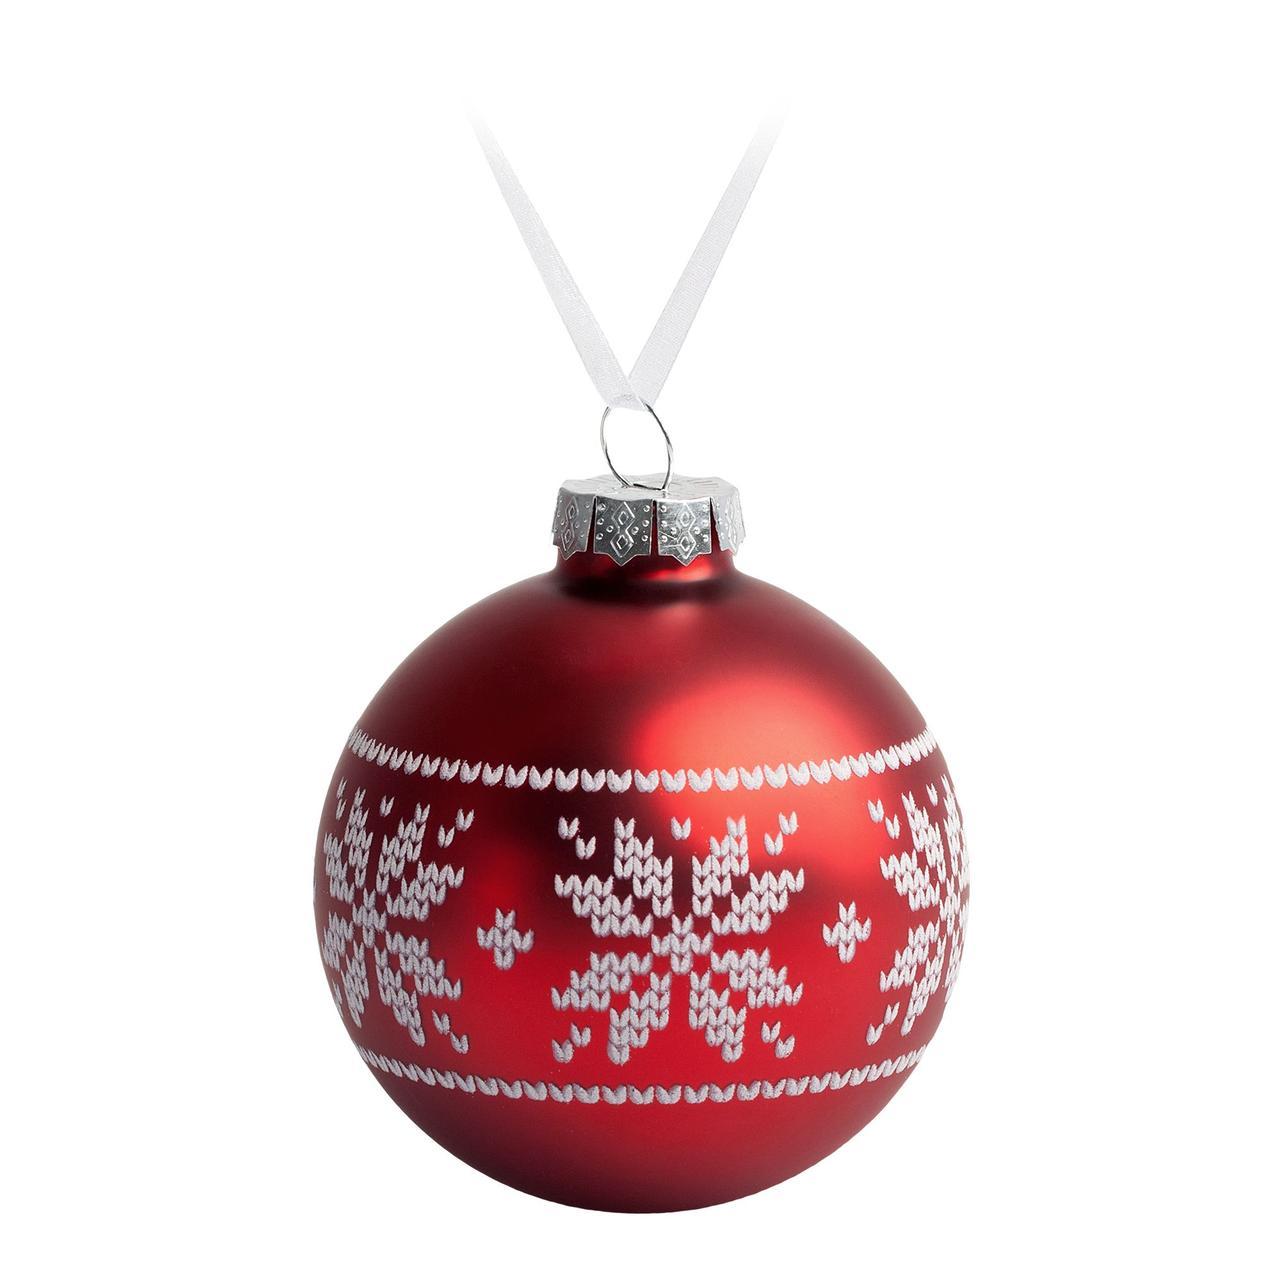 Елочный шар «Скандинавский узор», 8 см, красный (артикул 7297.50)